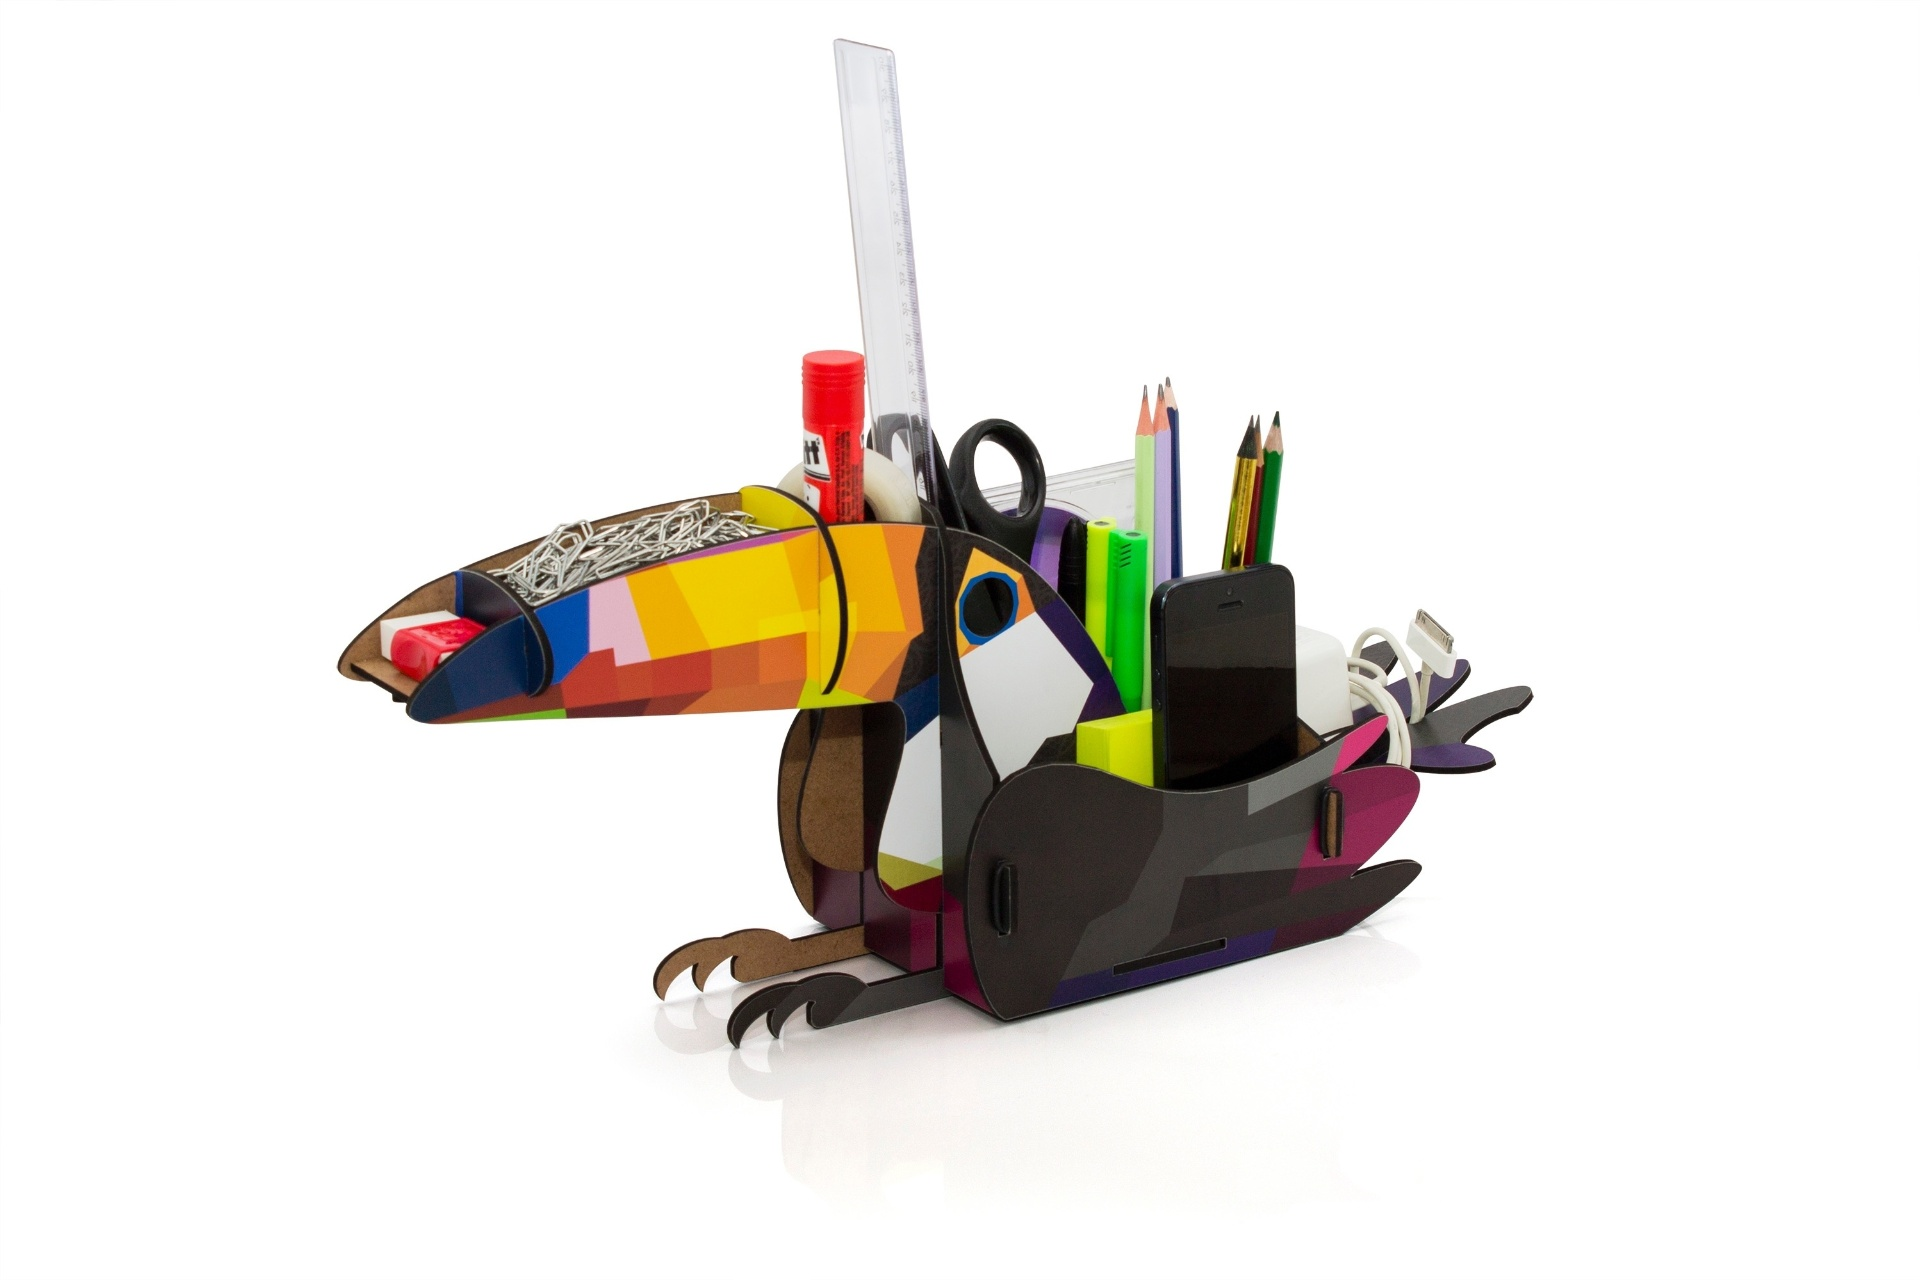 Feito de MDF adesivado, o organizador Tucano mede 27,5 cm por 19,7 cm por 31,5 cm e custa R$ 118 na Pop+Art (www.popmaisart.com.br) I Preços pesquisados em julho de 2014 e sujeitos a alterações